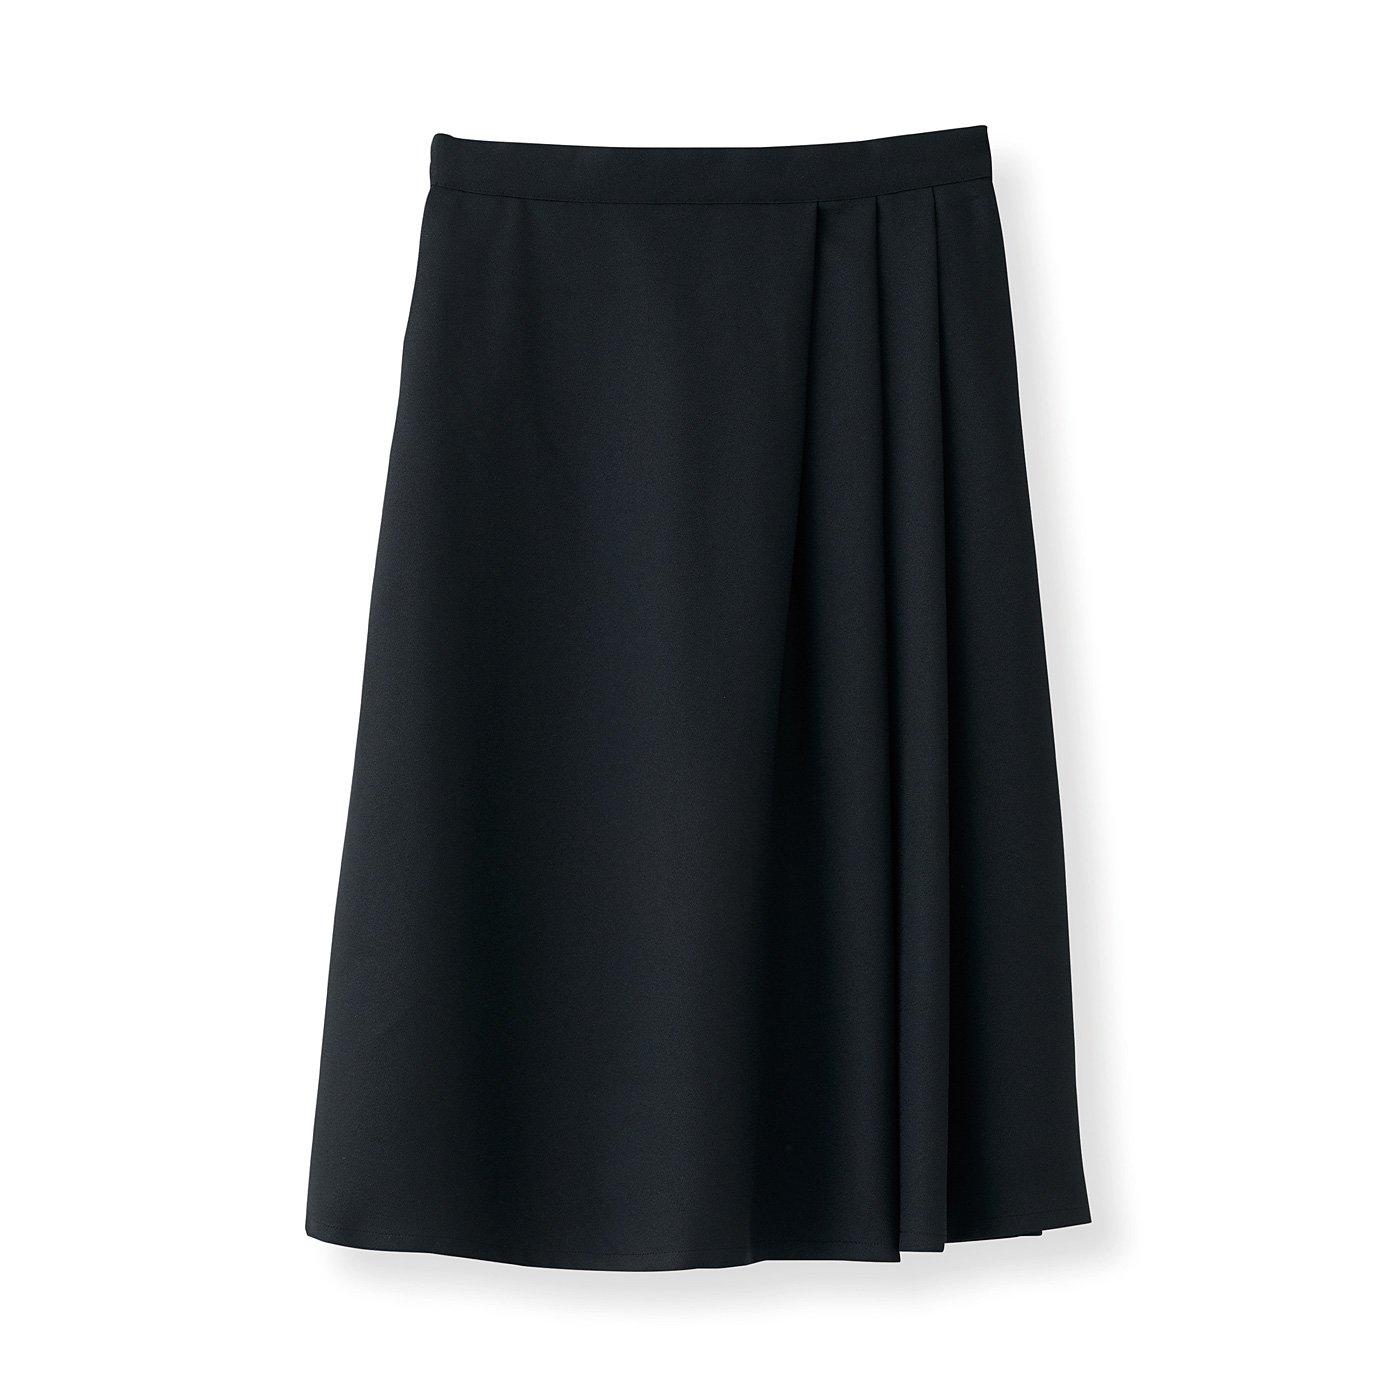 DRECOバイヤーズセレクト タックデザインが旬な ジョーゼットミディスカート〈ブラック〉